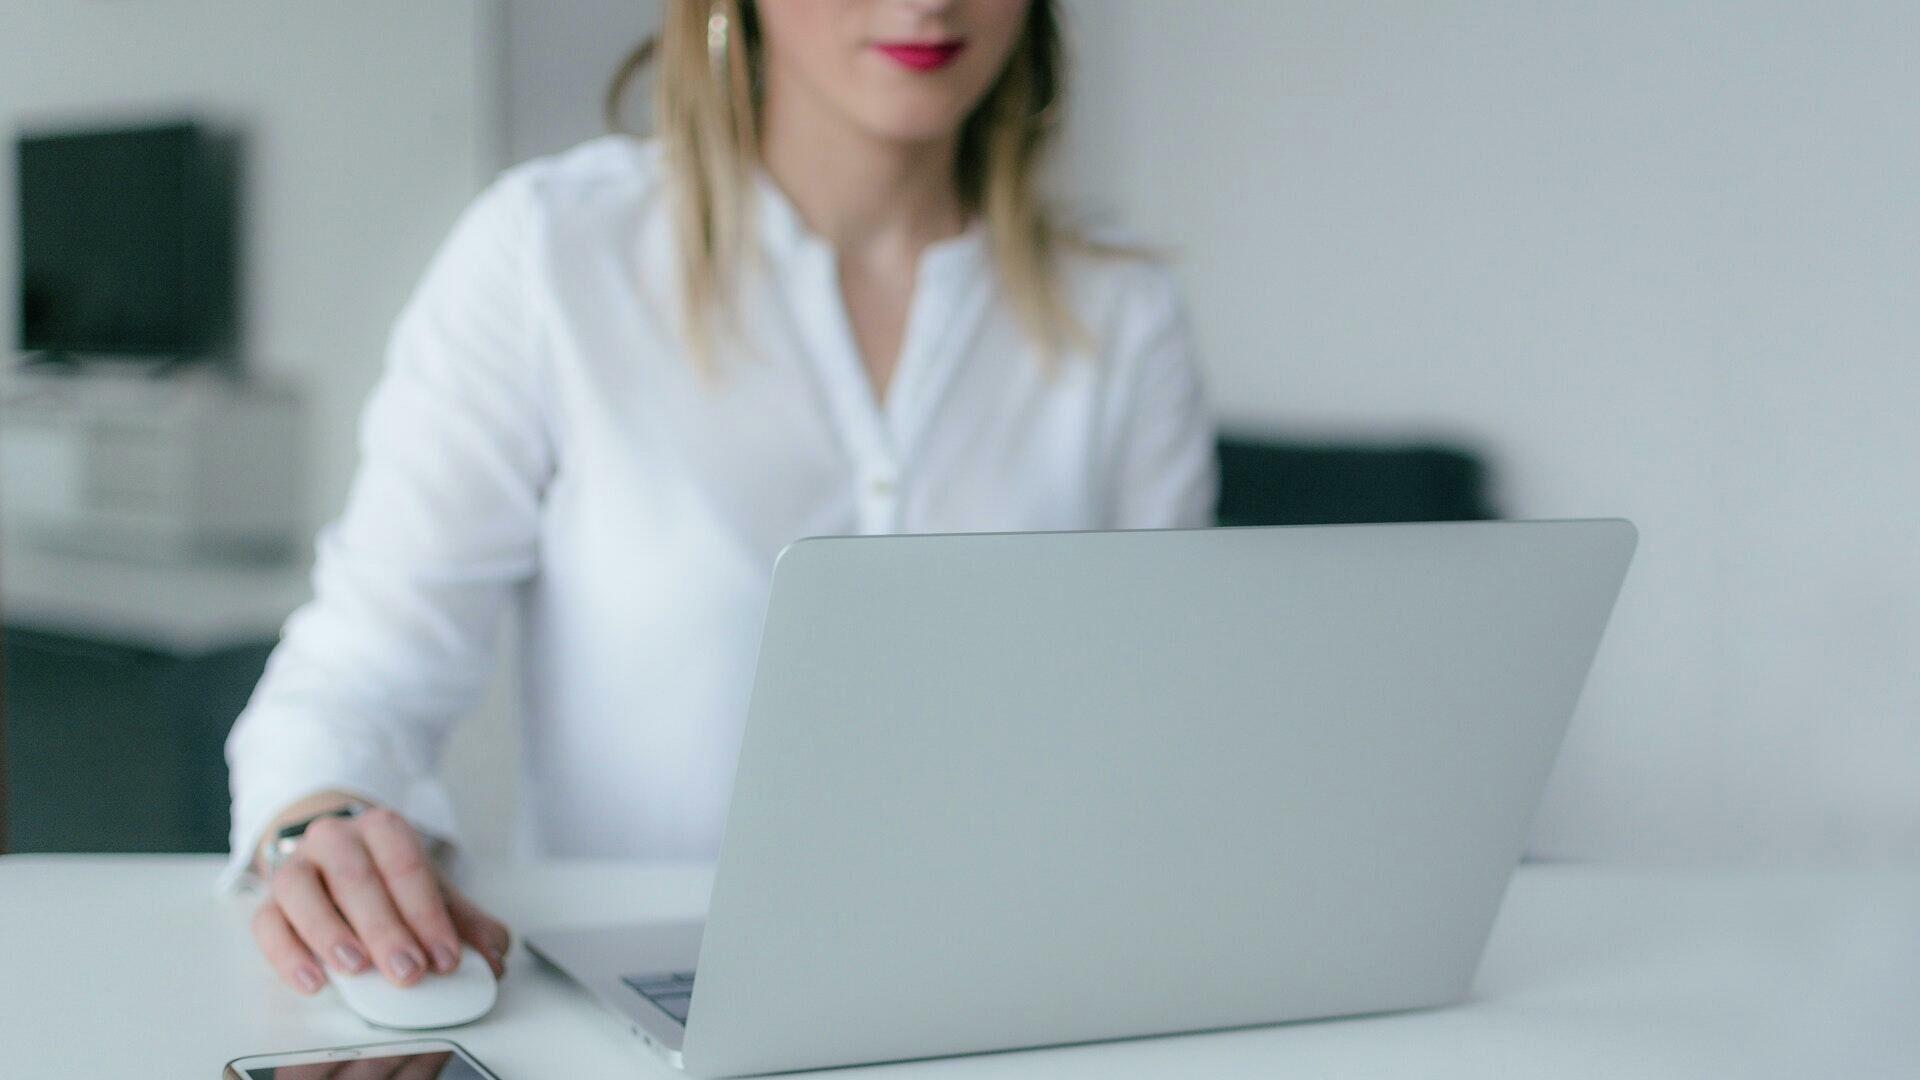 Девушки за работой работать фото социальные сети веб моделей